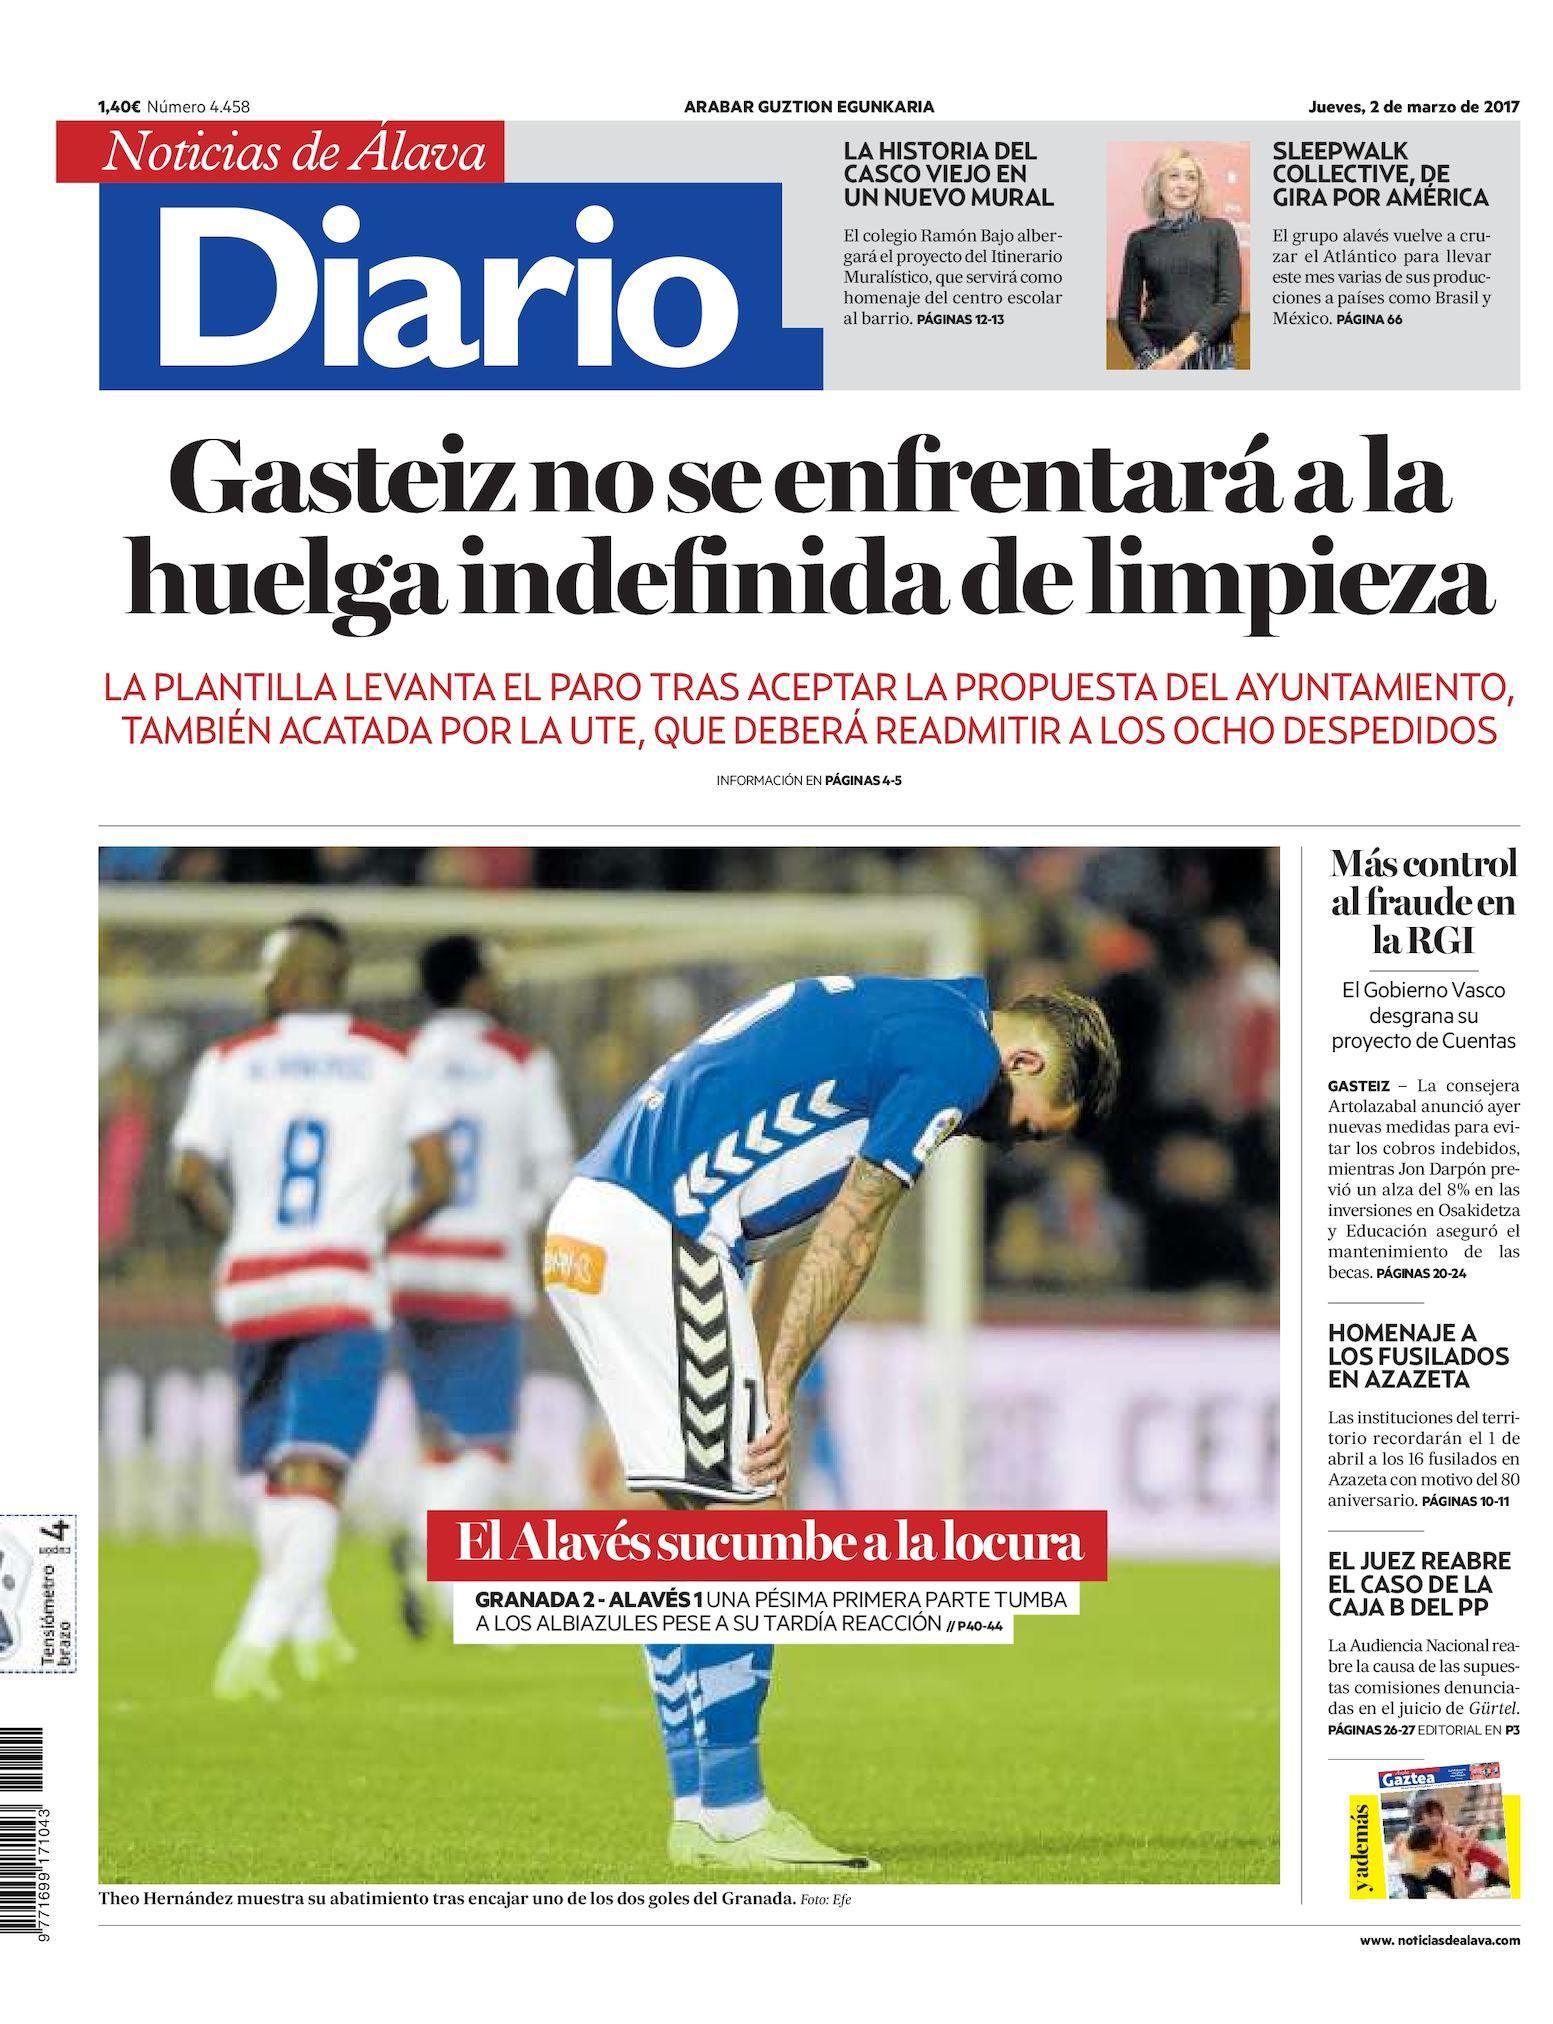 8e5ecf4367c Calaméo - Diario de Noticias de Álava 20170302